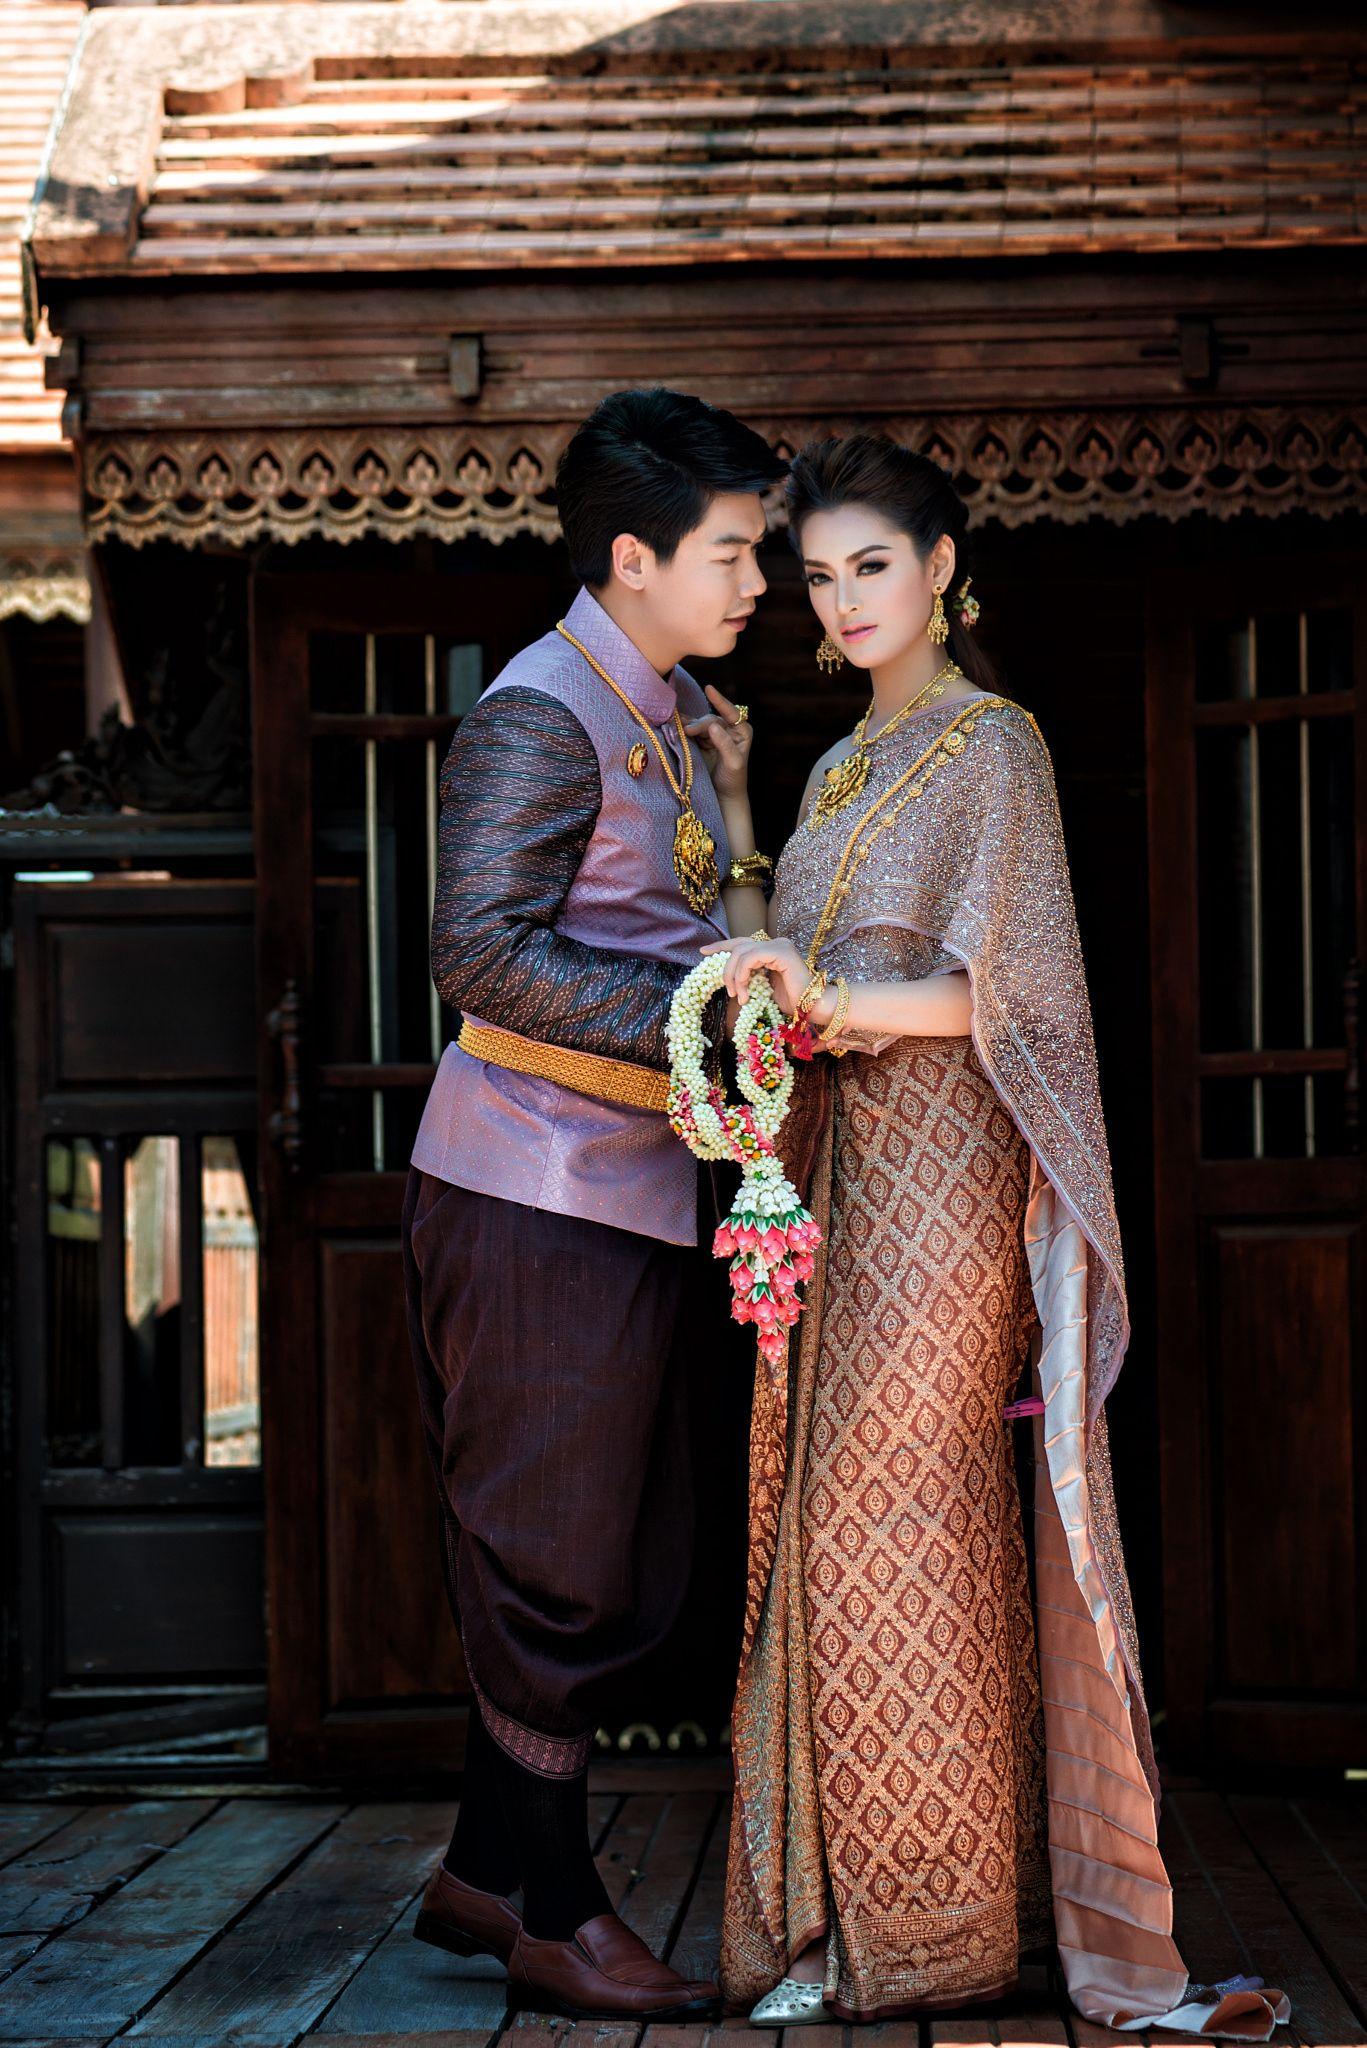 Khmer pre wedding 2018 dresses